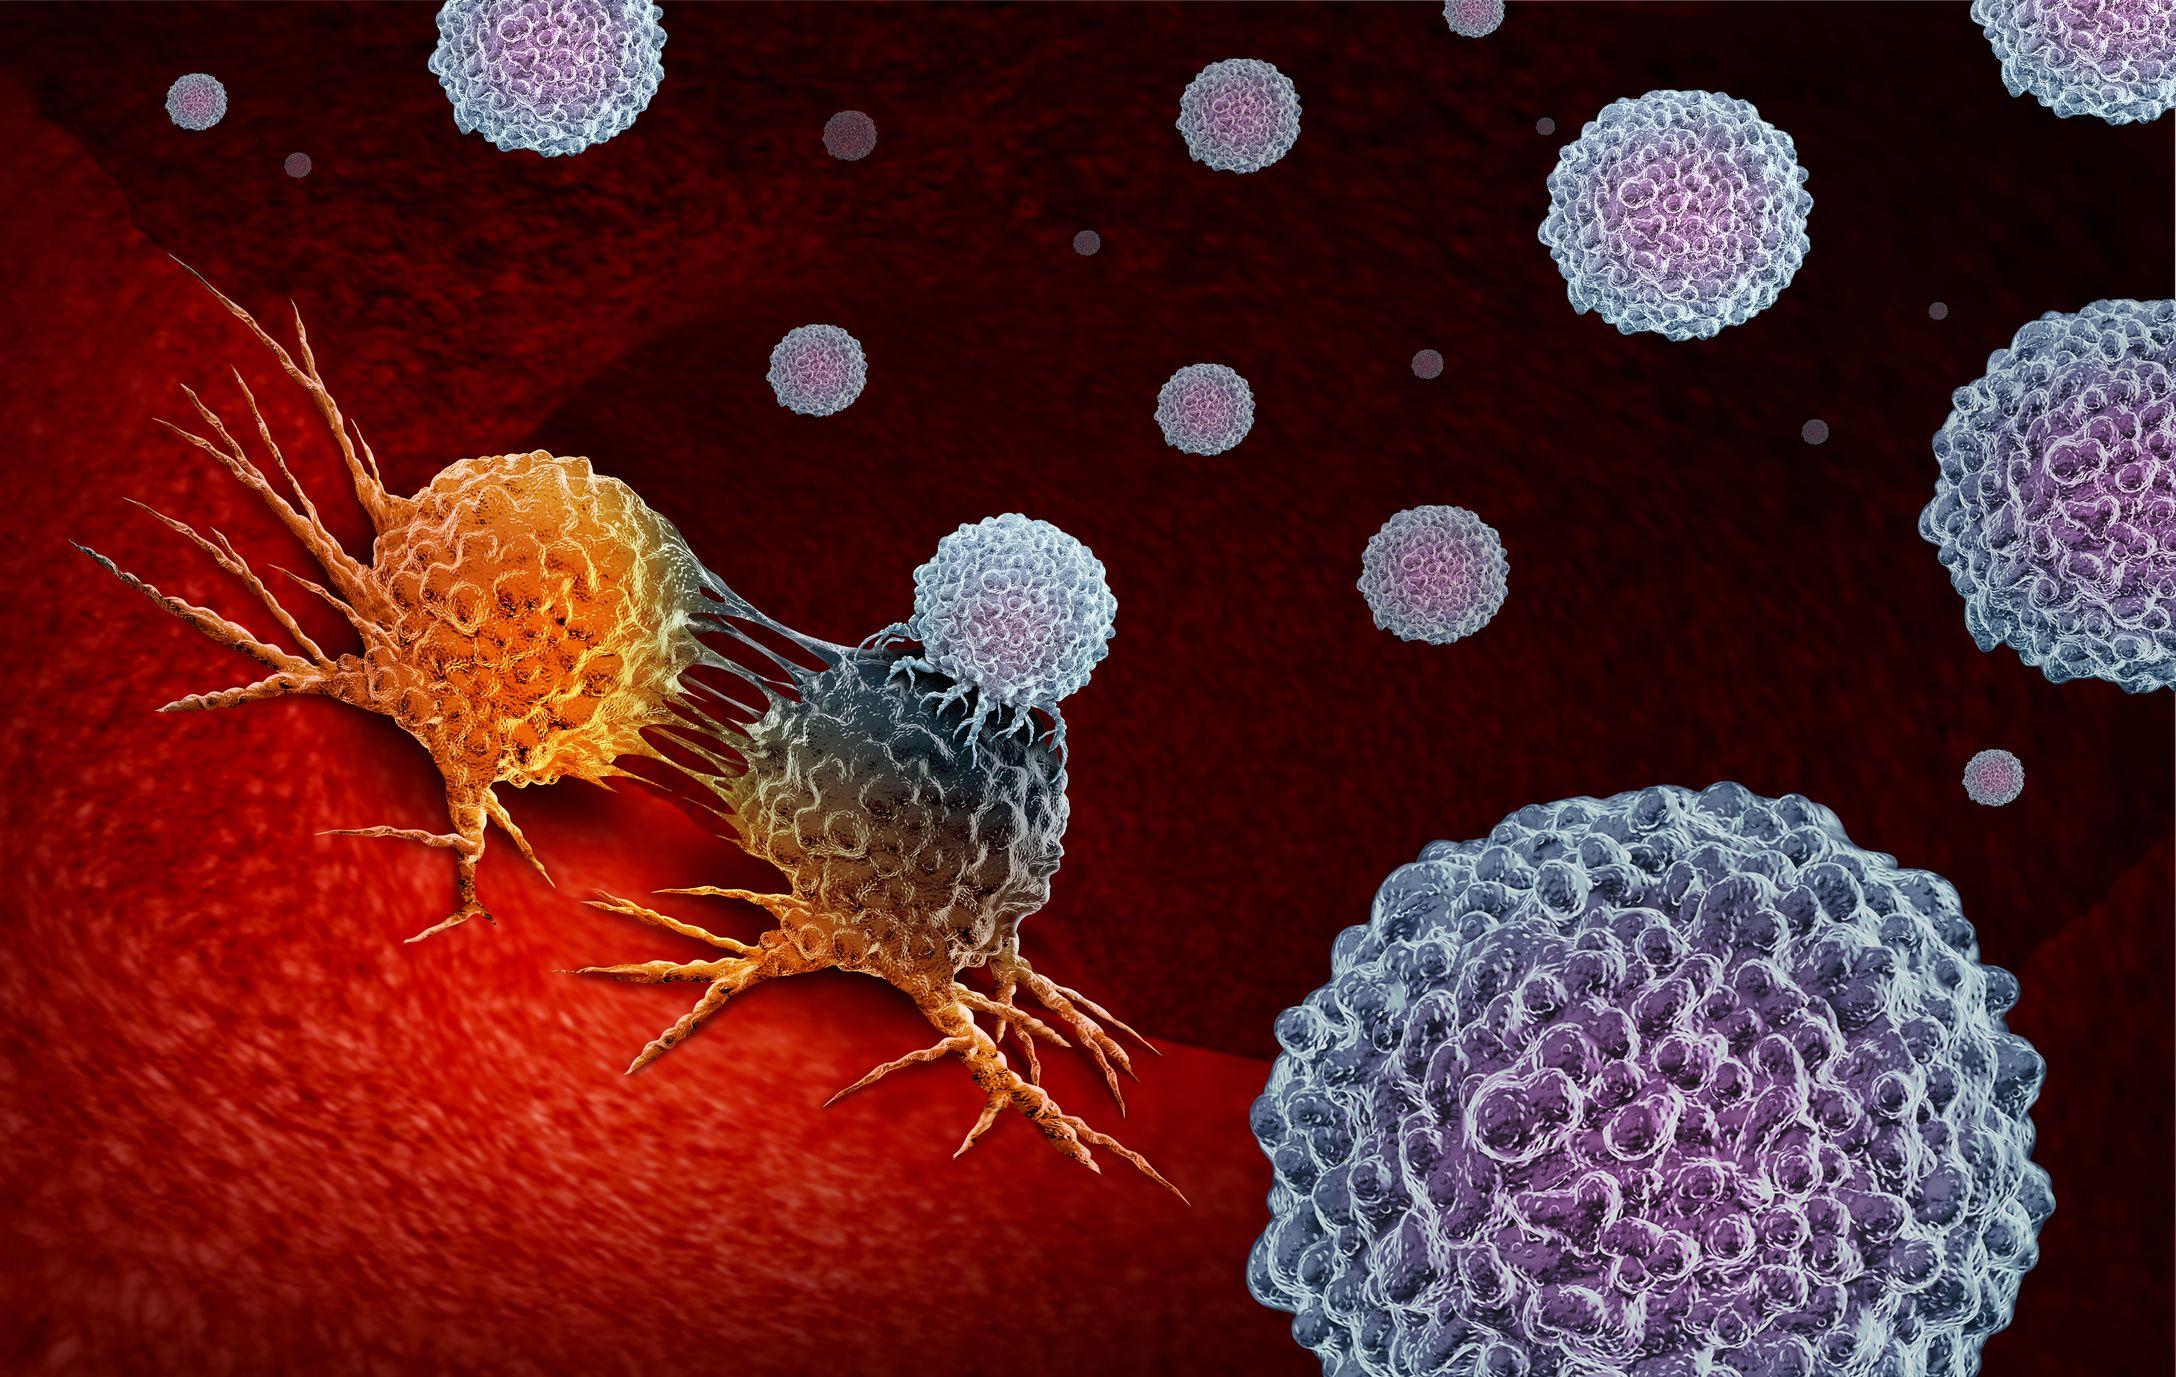 Rák, áttét, daganat: pontosan mik ezek?